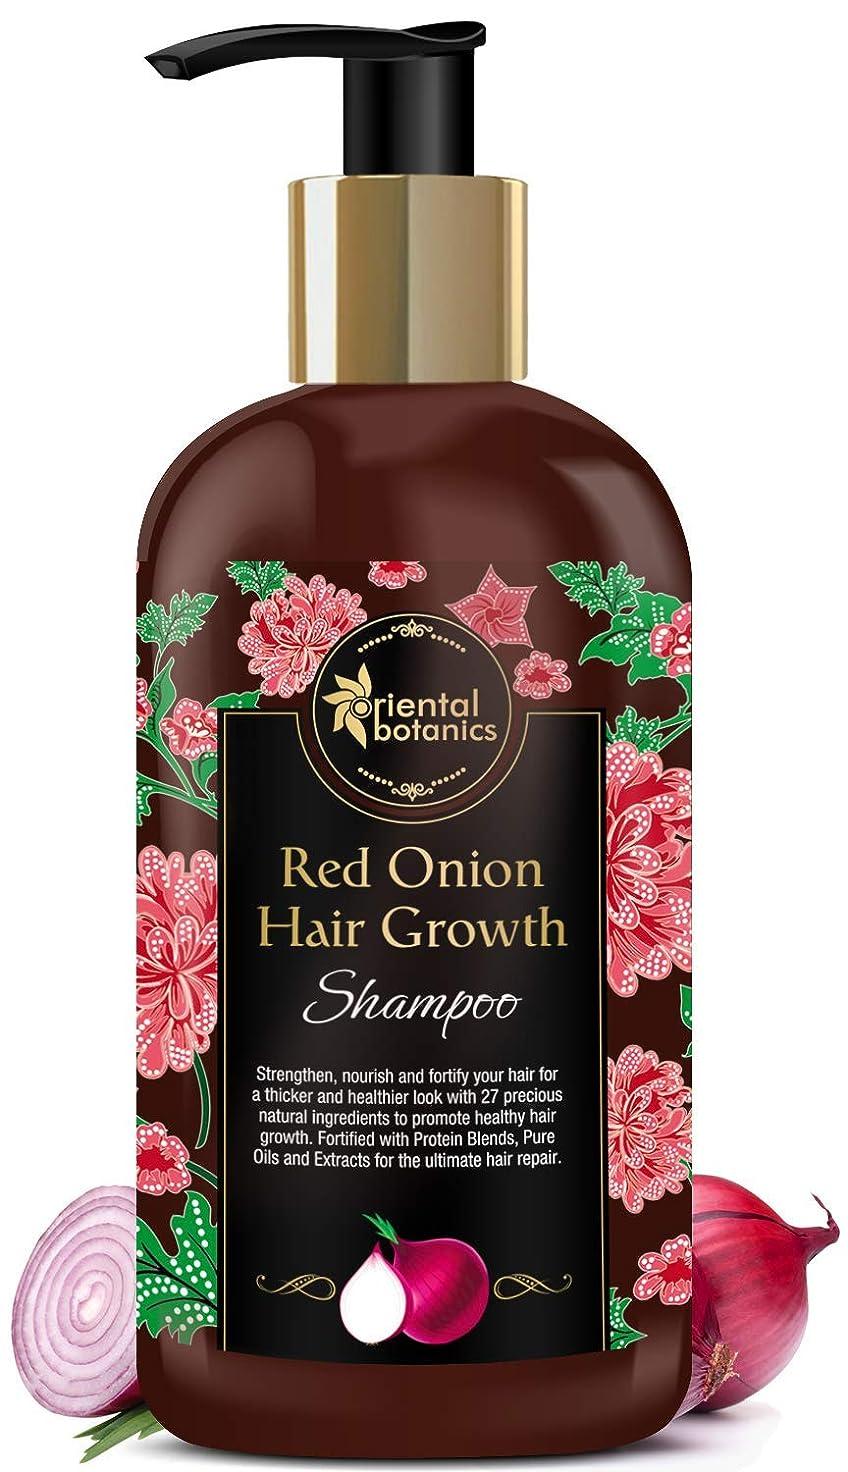 キウイボイラー住居Oriental Botanics Red Onion Hair Growth Shampoo, 300ml - With 27 Hair Boosters Controls Hair Loss & Promotes Healthy Hair Growth